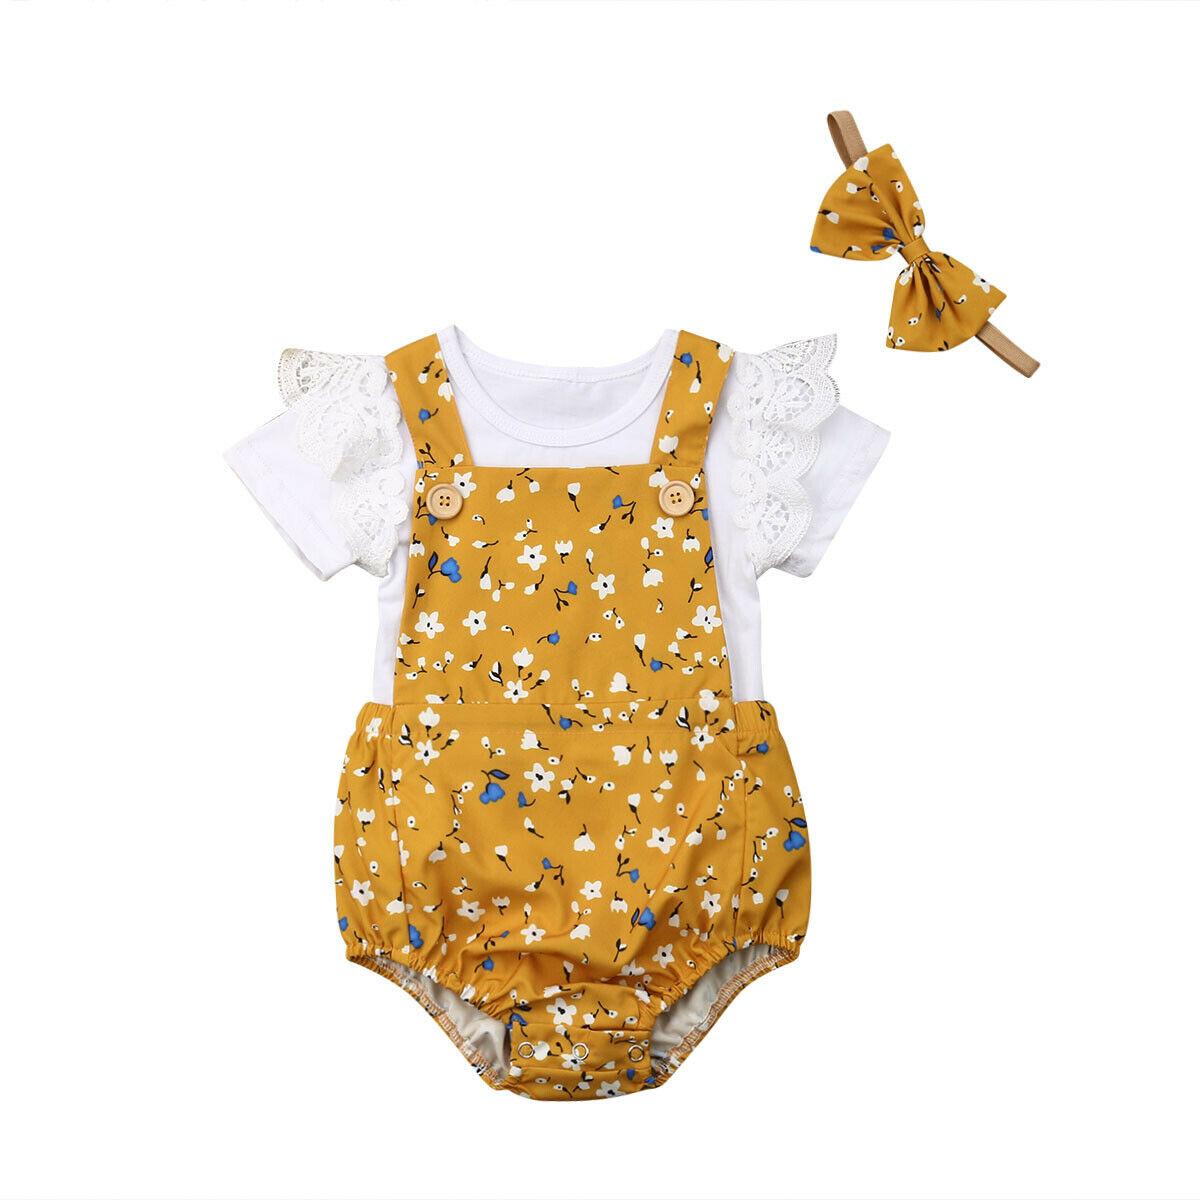 0-18 M Nette Neugeborene Baby Mädchen Kleidung Sommer Kurzarm Spitze Baumwolle Body Floral Overalls Stirnband 3 Pcs Baby Kleidung Set Harmonische Farben